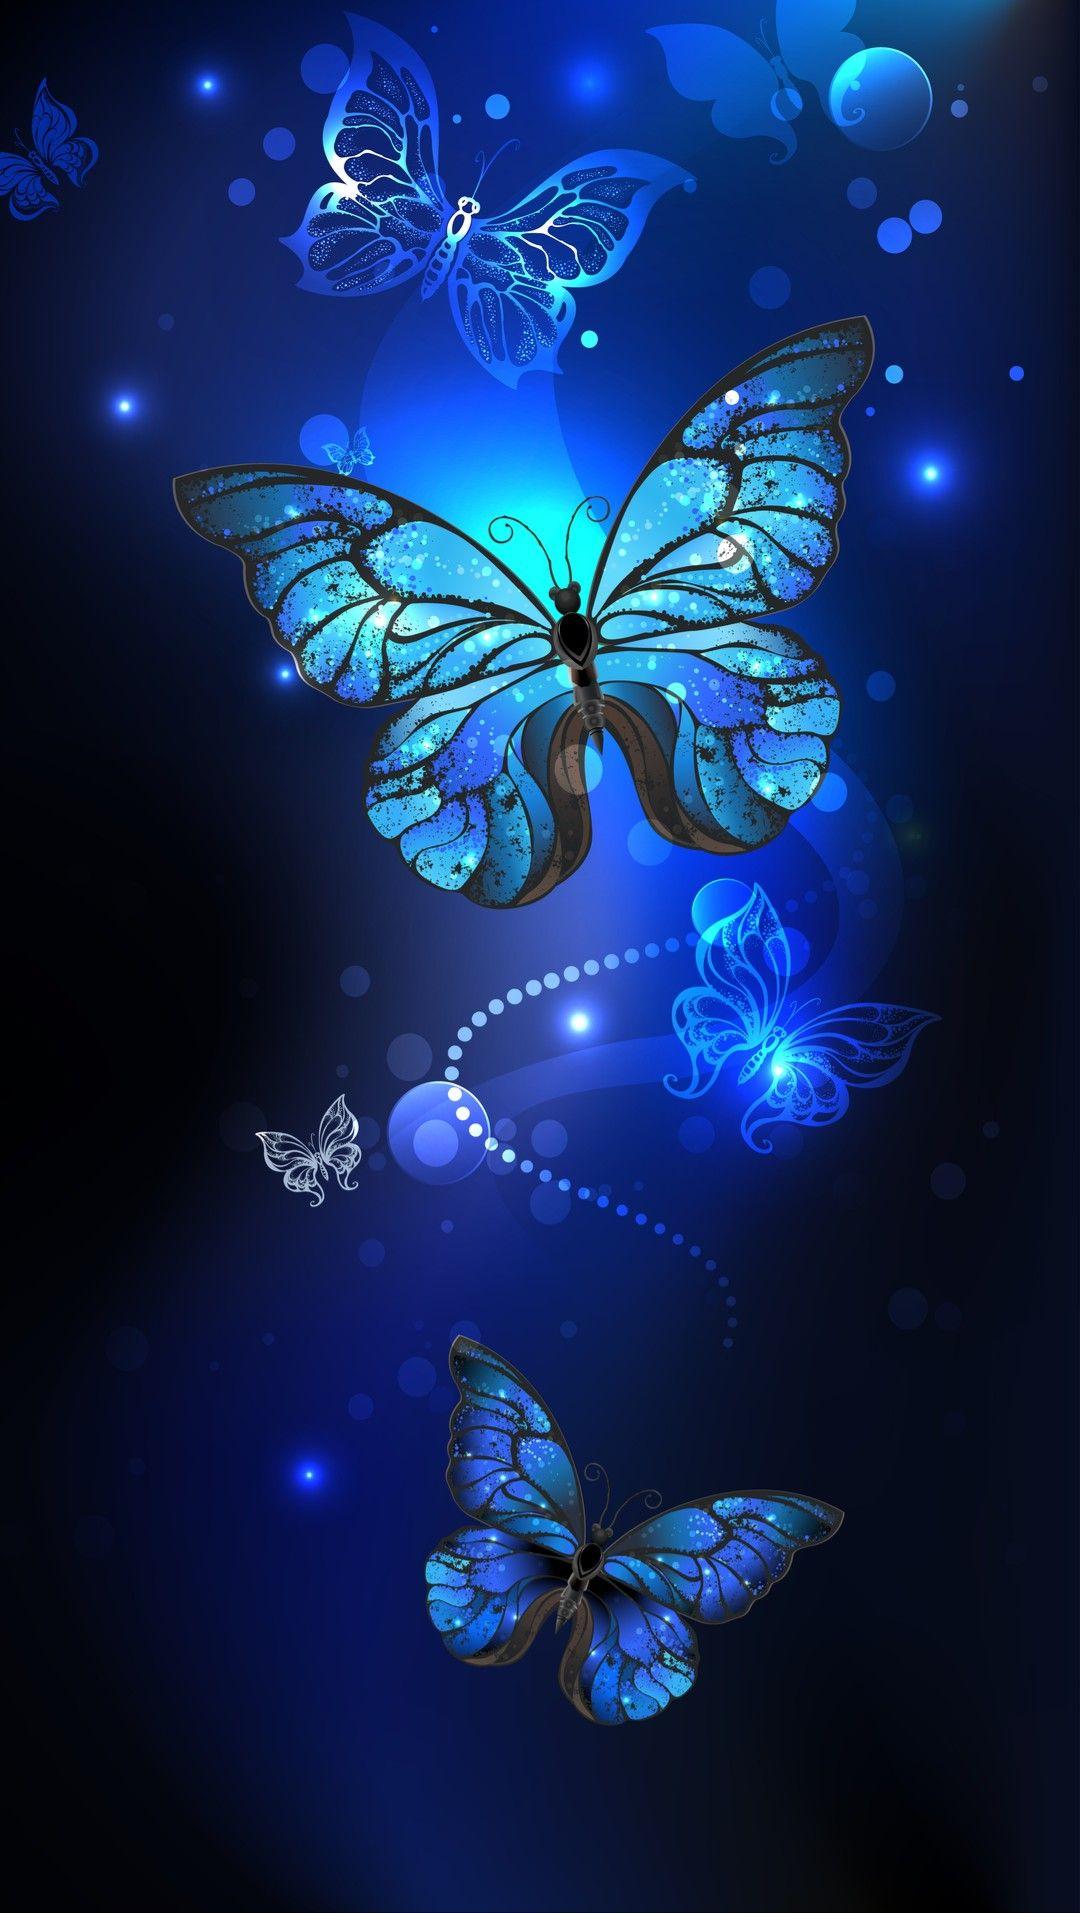 Wallpaper... By Artist Unknown... Blue butterfly